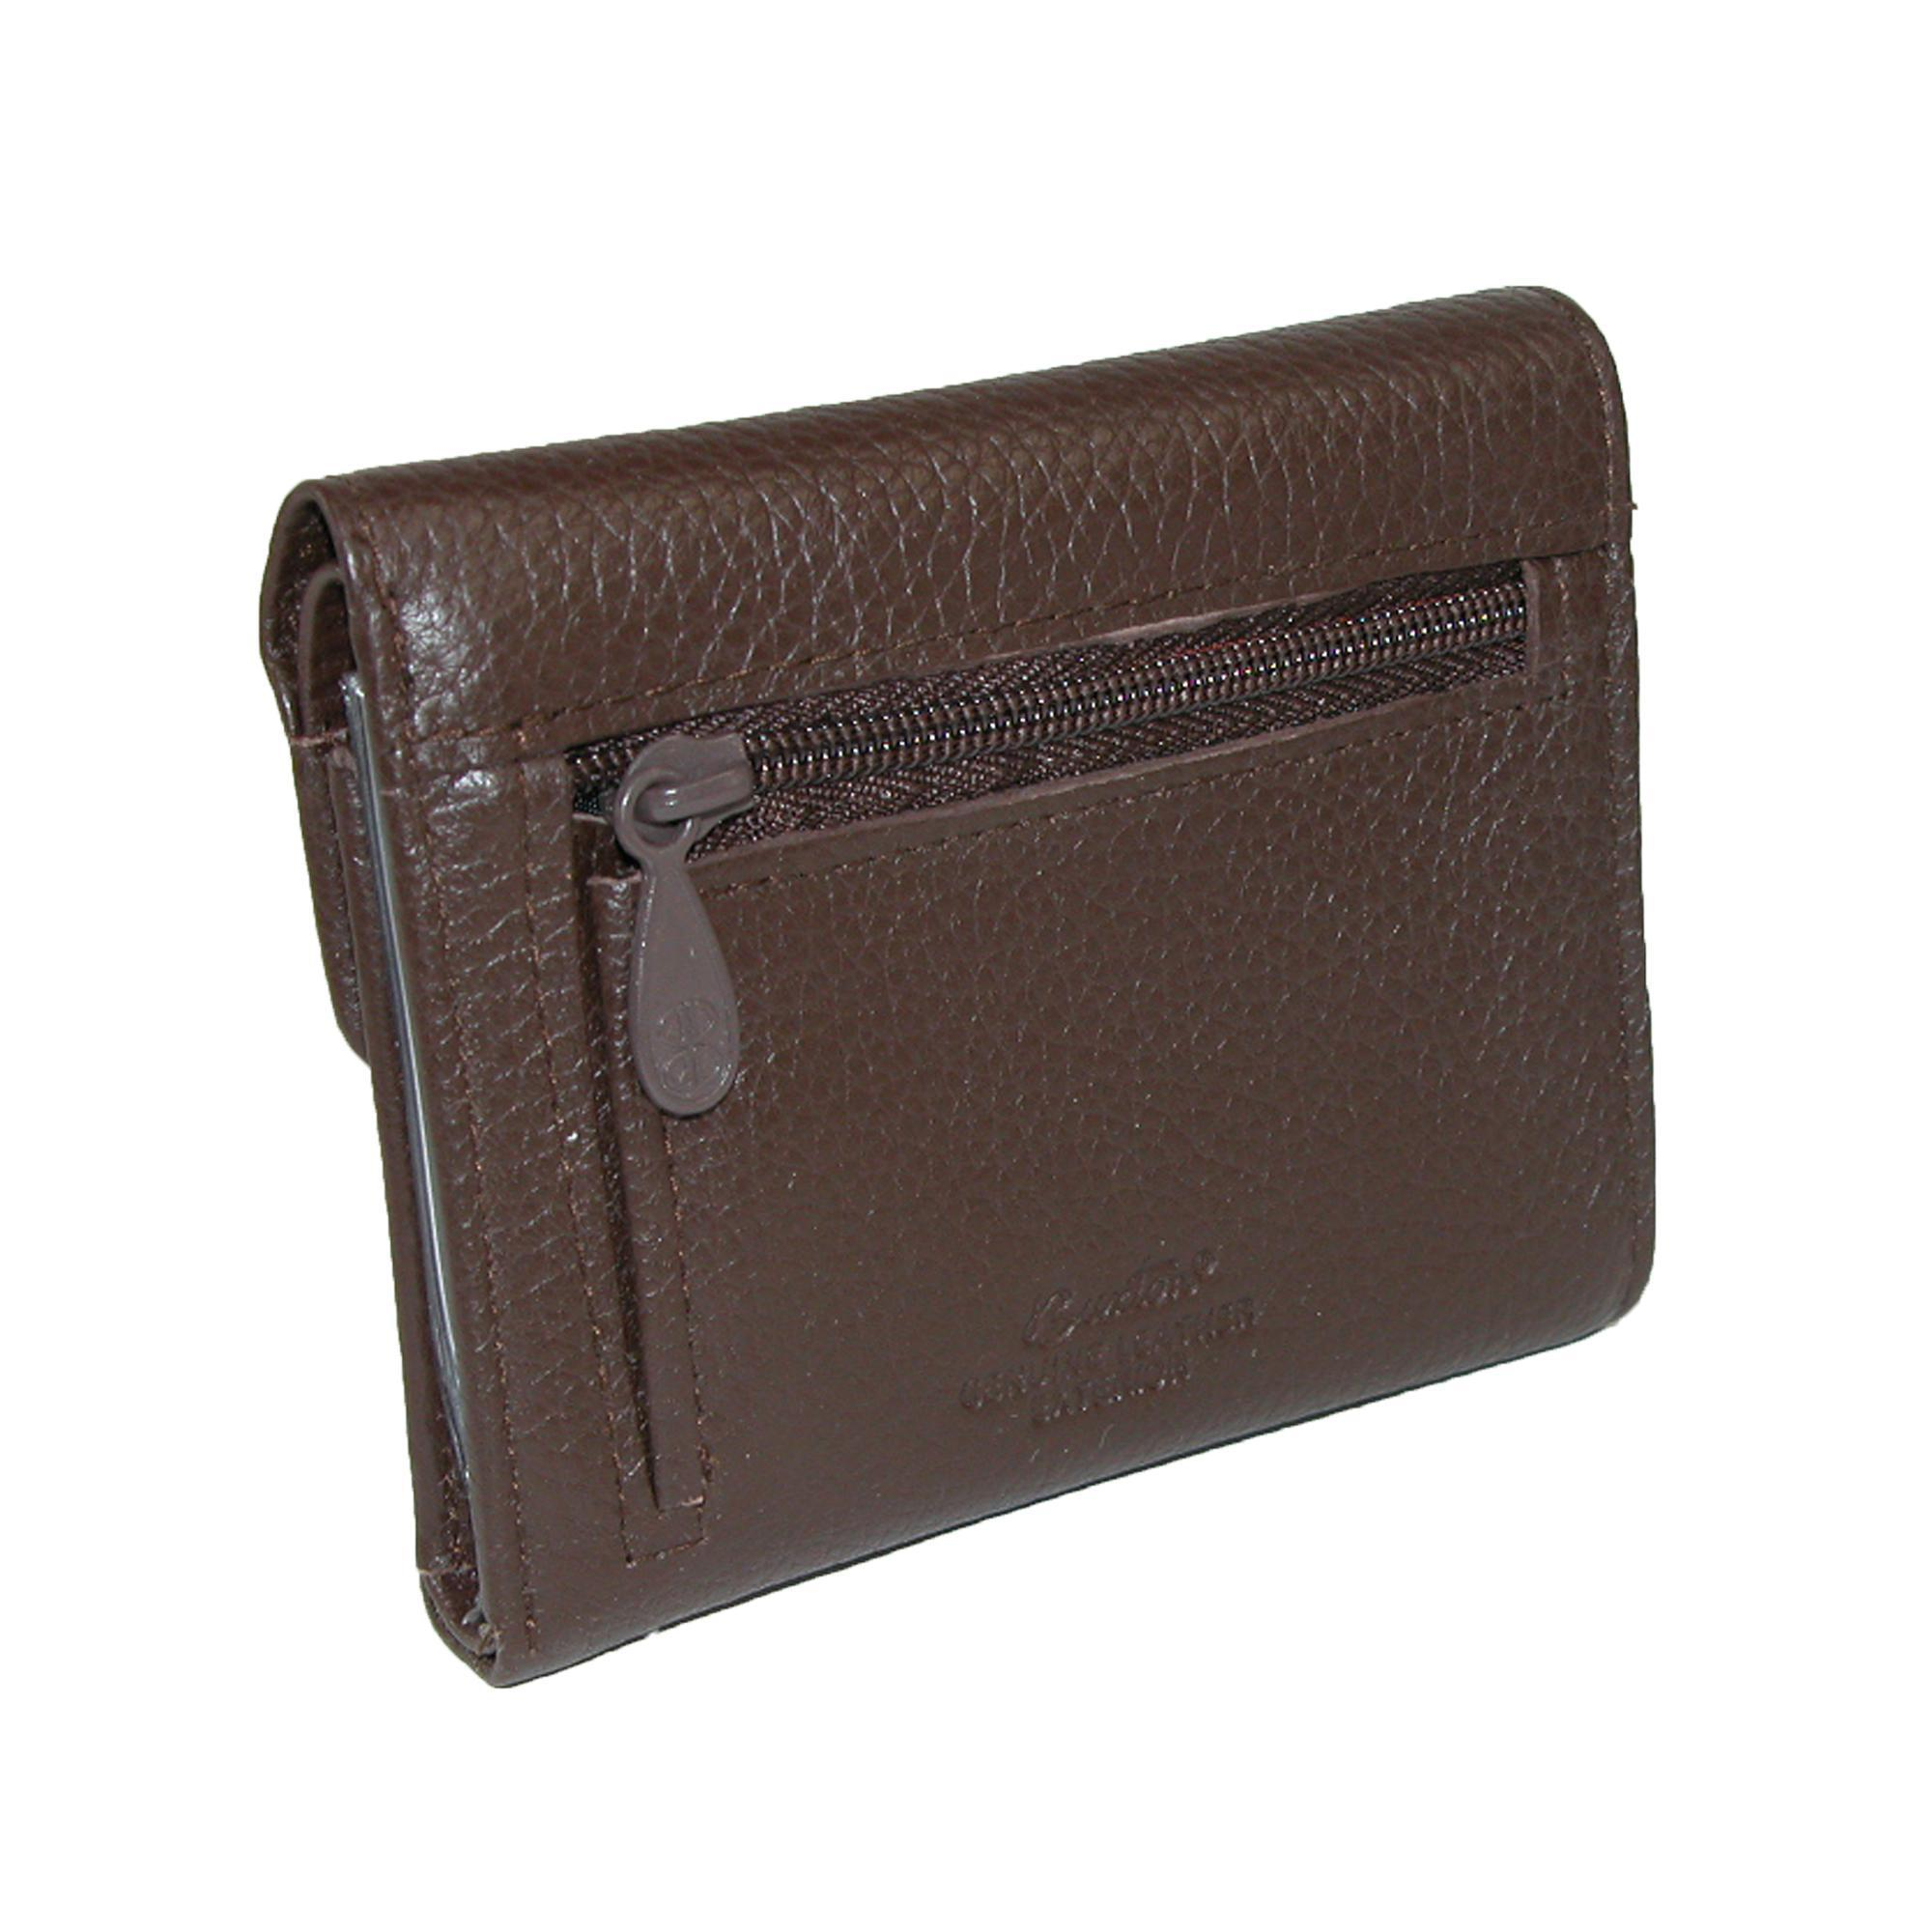 New-Buxton-Women-039-s-Leather-Mini-Tri-Fold-Wallet thumbnail 5